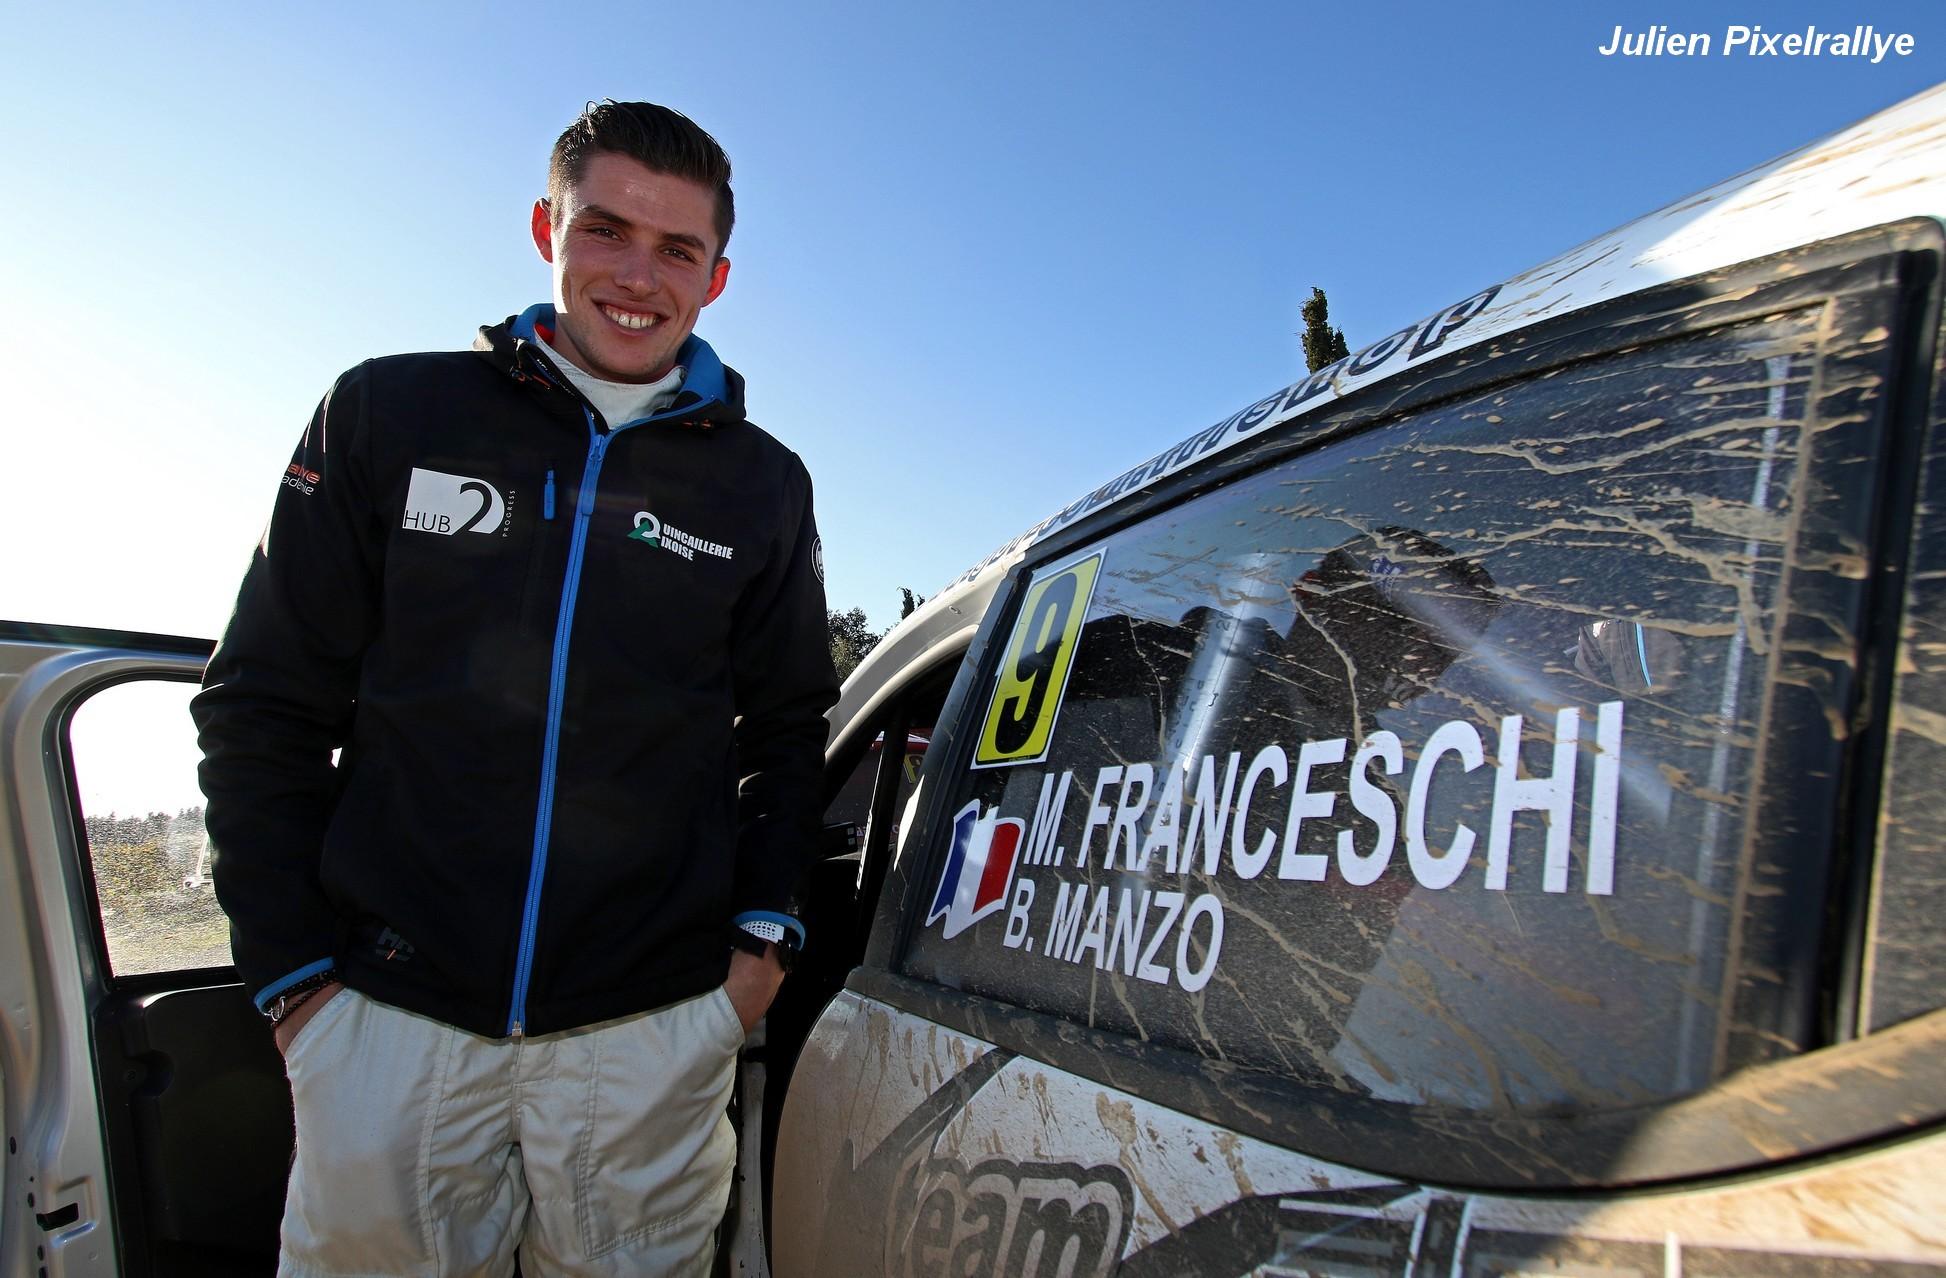 Matt Franceschi - Benoit Manzo